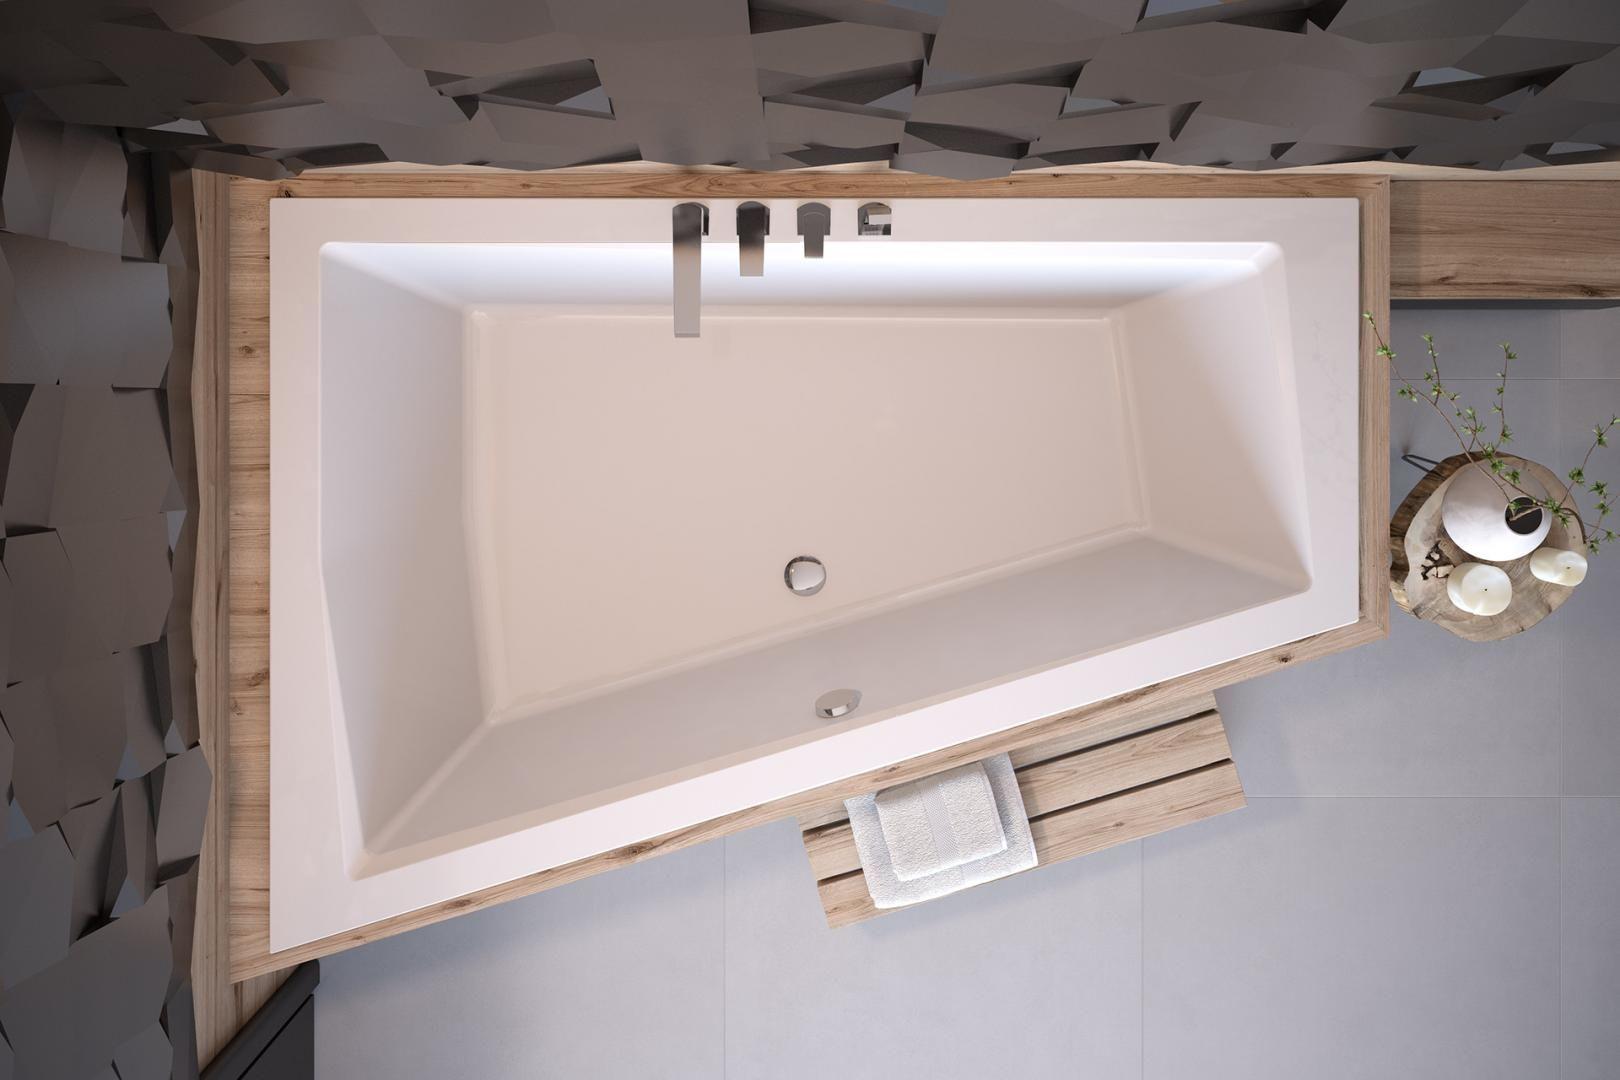 Besco wanna asymetryczna Intima Duo Slim 180 x 125 cm lewa